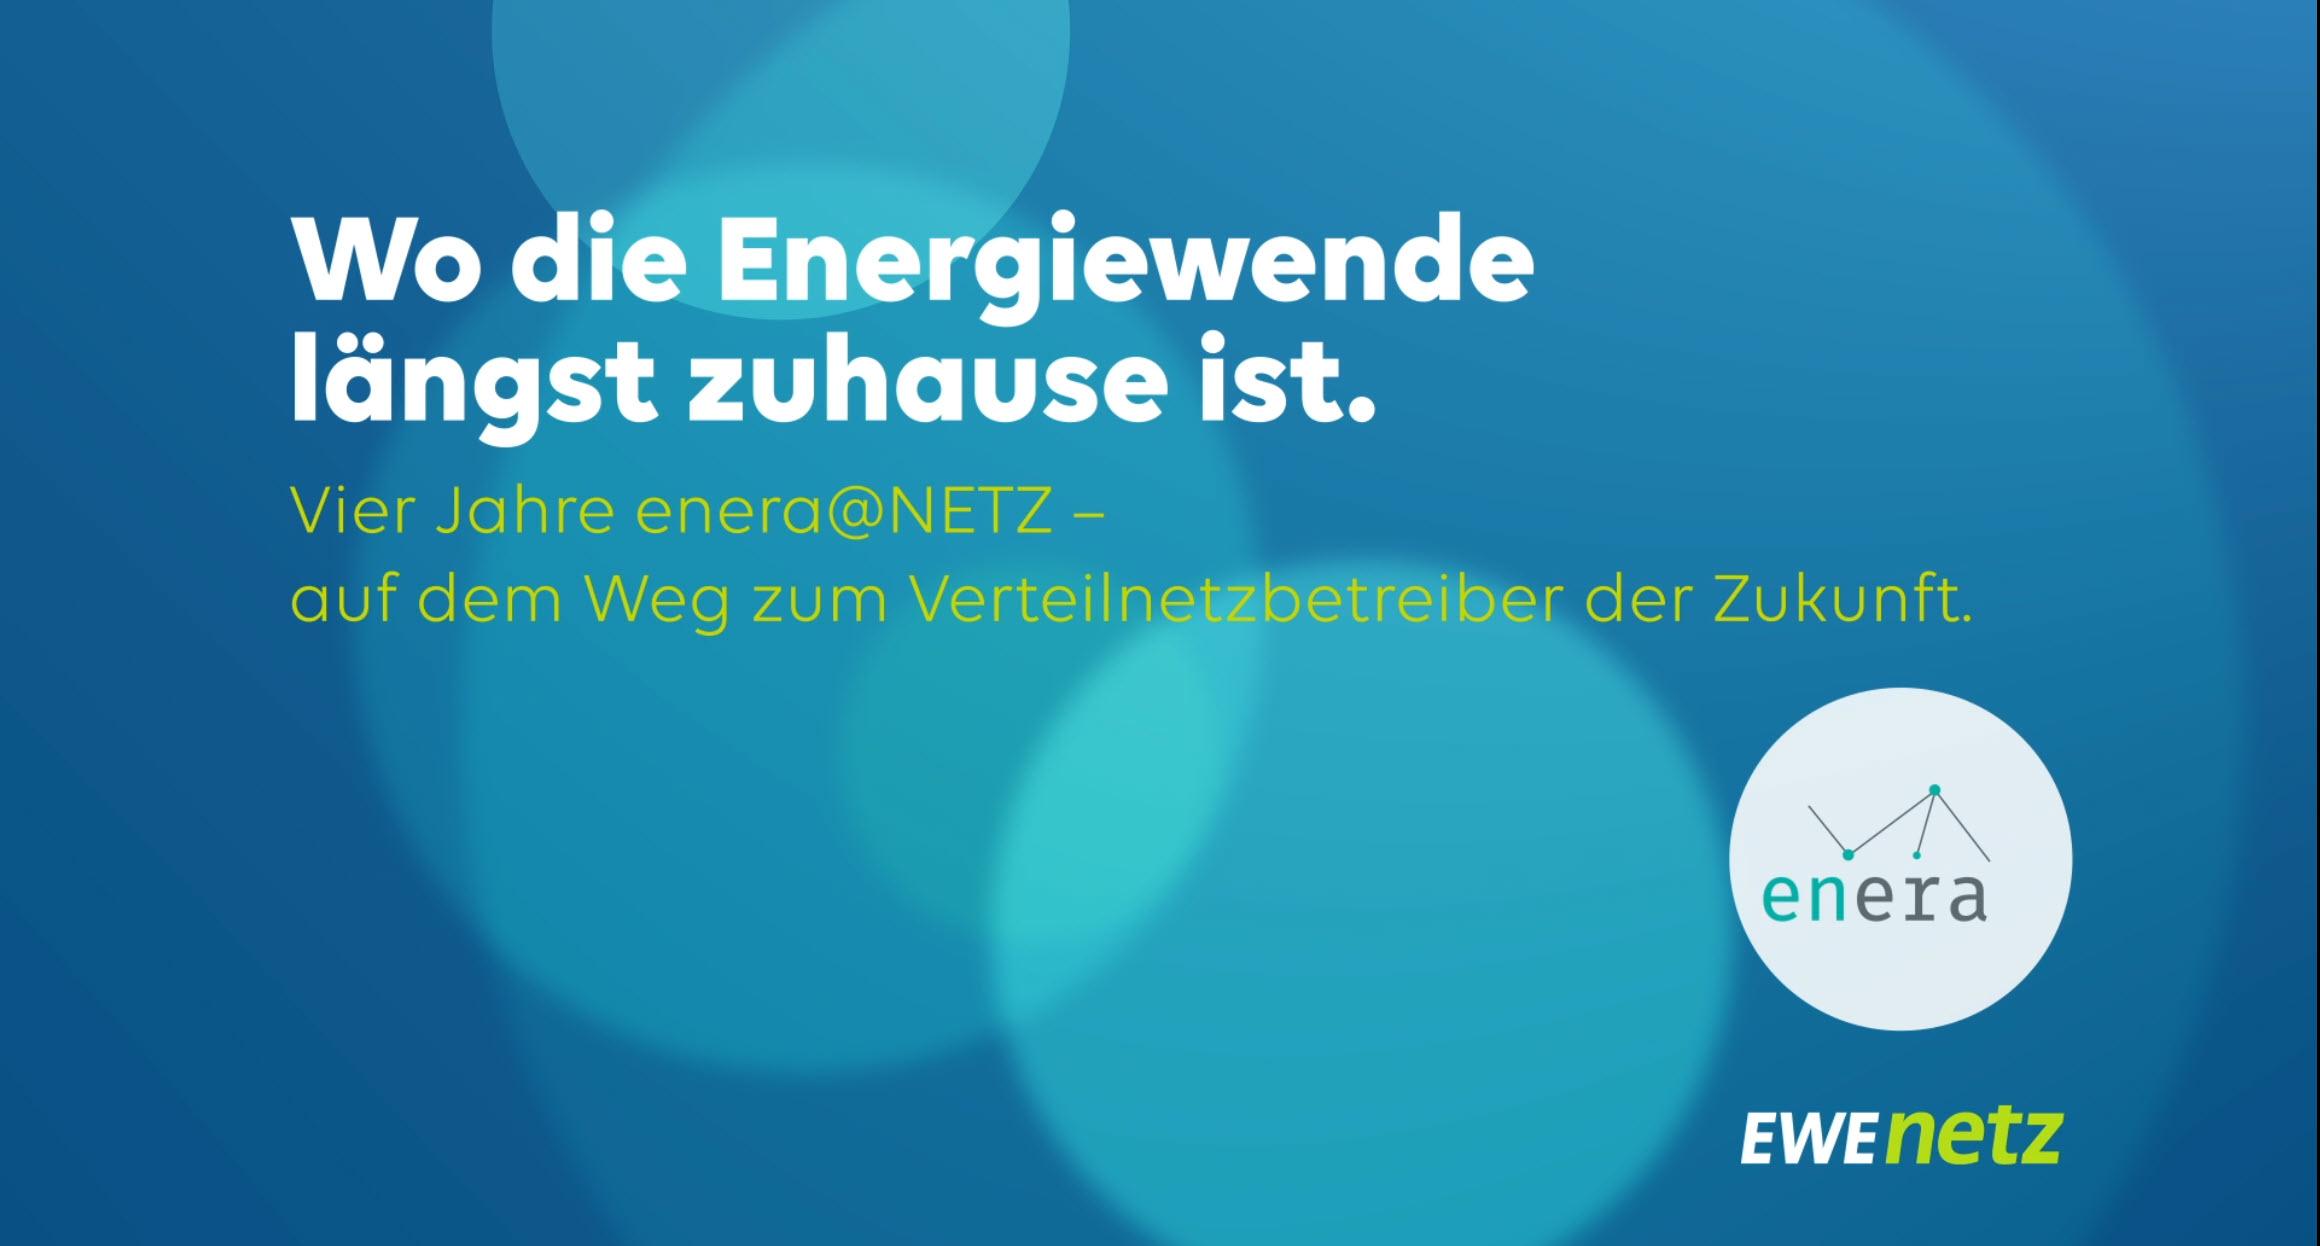 enera – der nächste Schritt zum intelligenten Verteilnetzbetreiber der Zukunft.